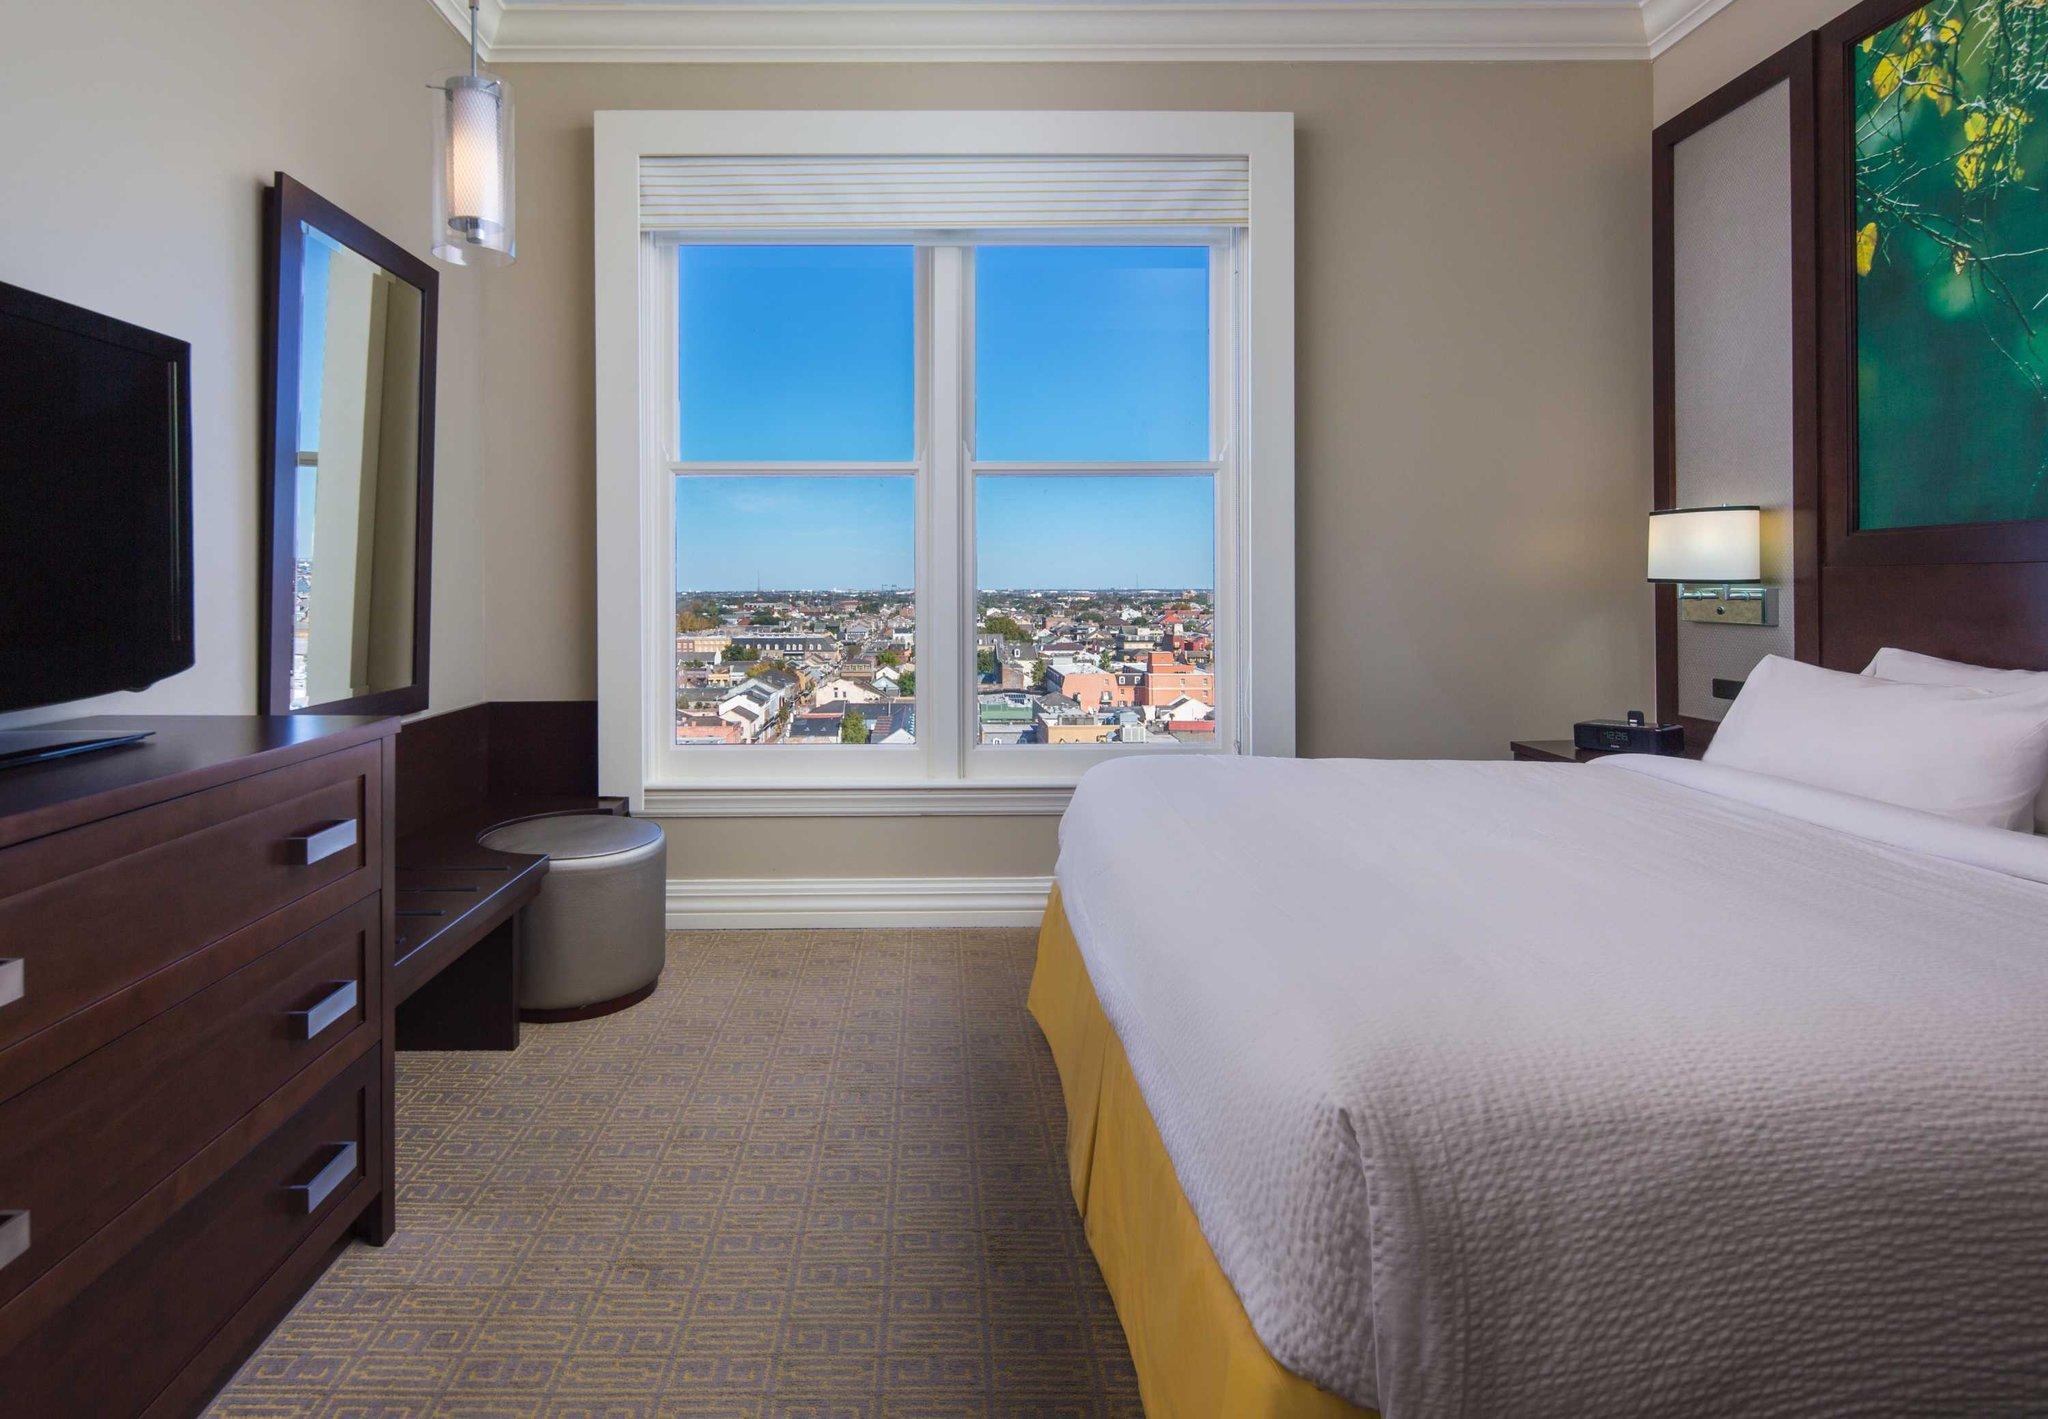 新奥尔良市中心/伊贝维尔万怡酒店